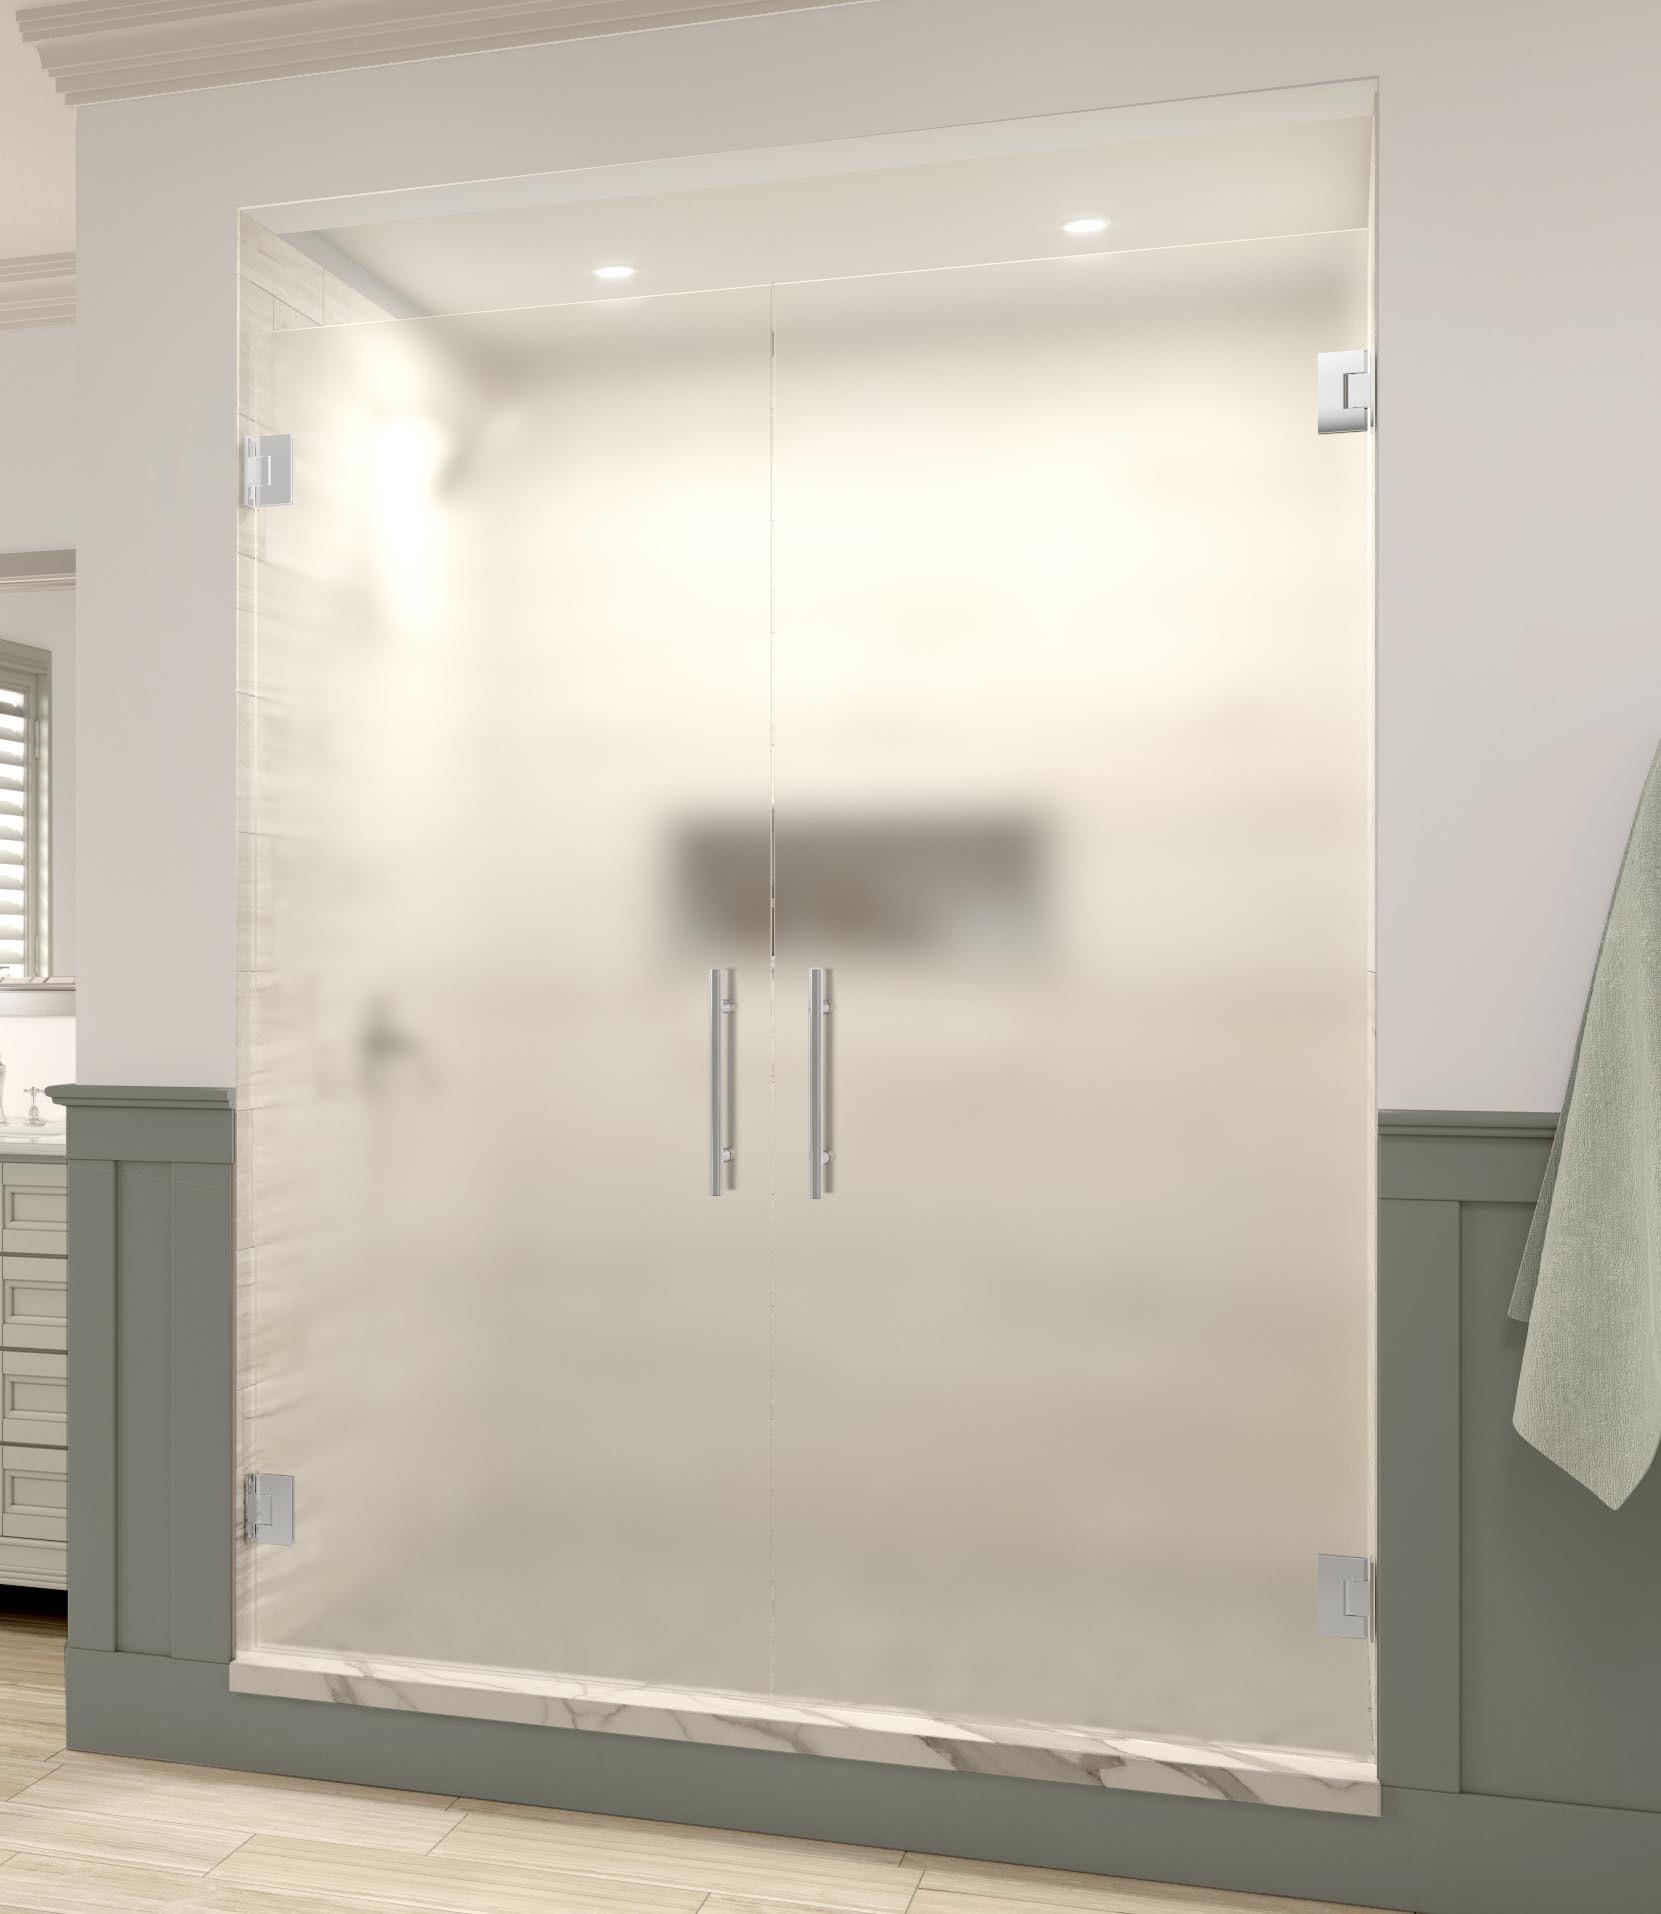 Dresden Frameless 38 Inch Glass French Swing Basco Shower Doors